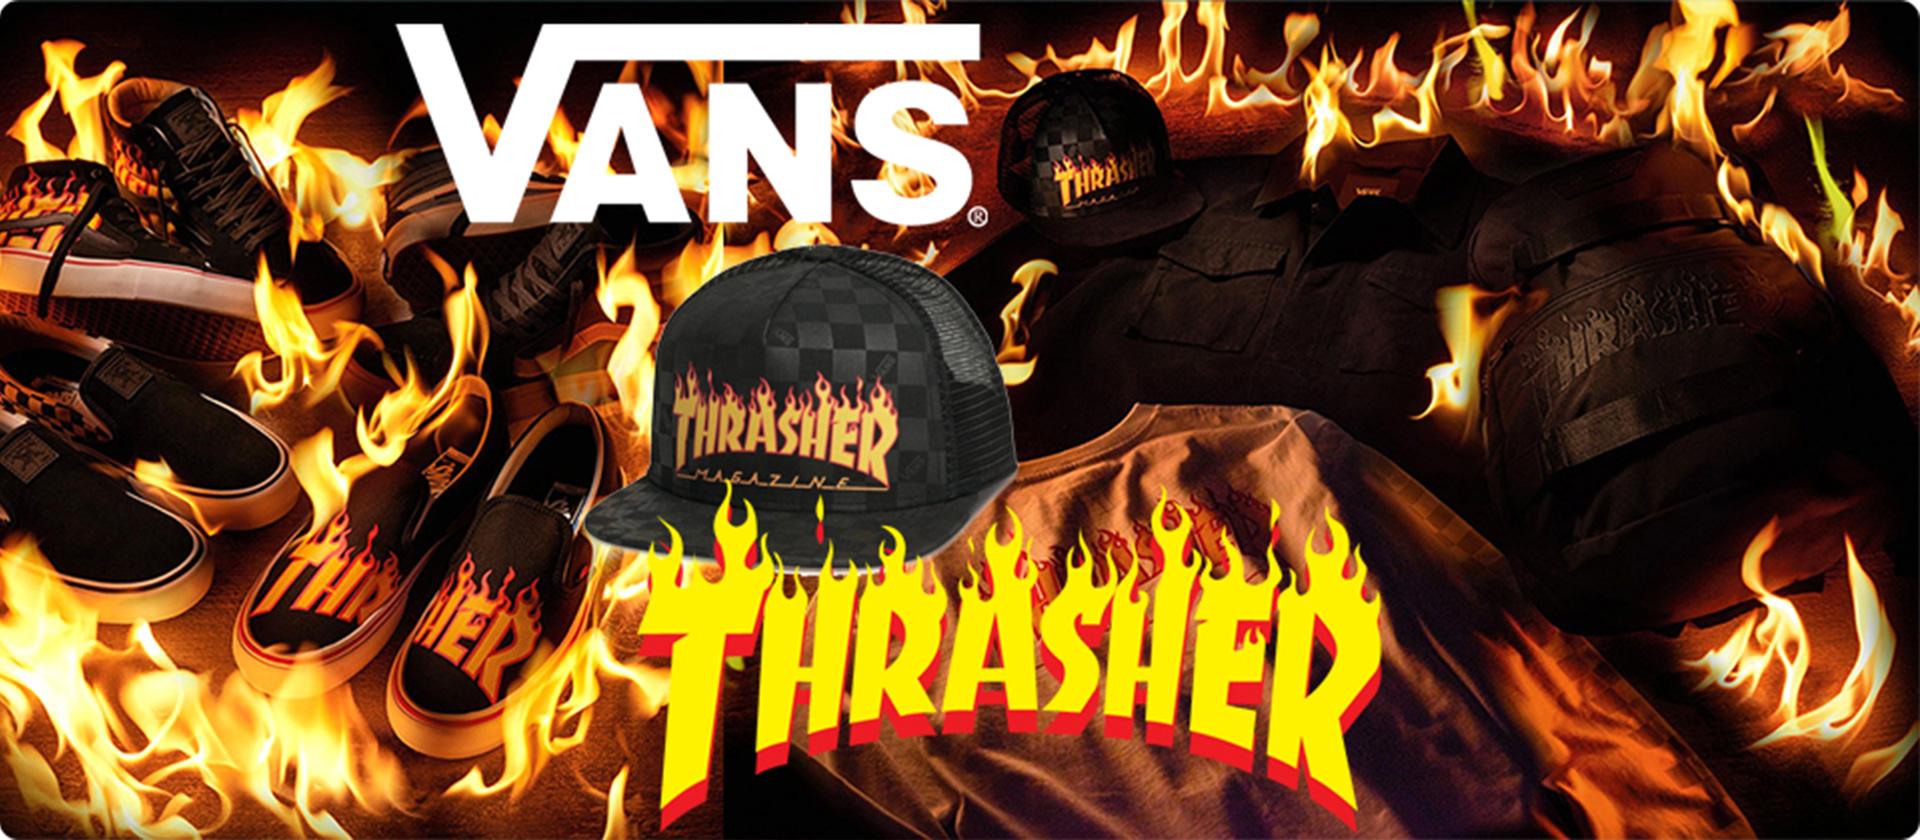 Vans X Thrasher Colab - SoCal Surf Shop